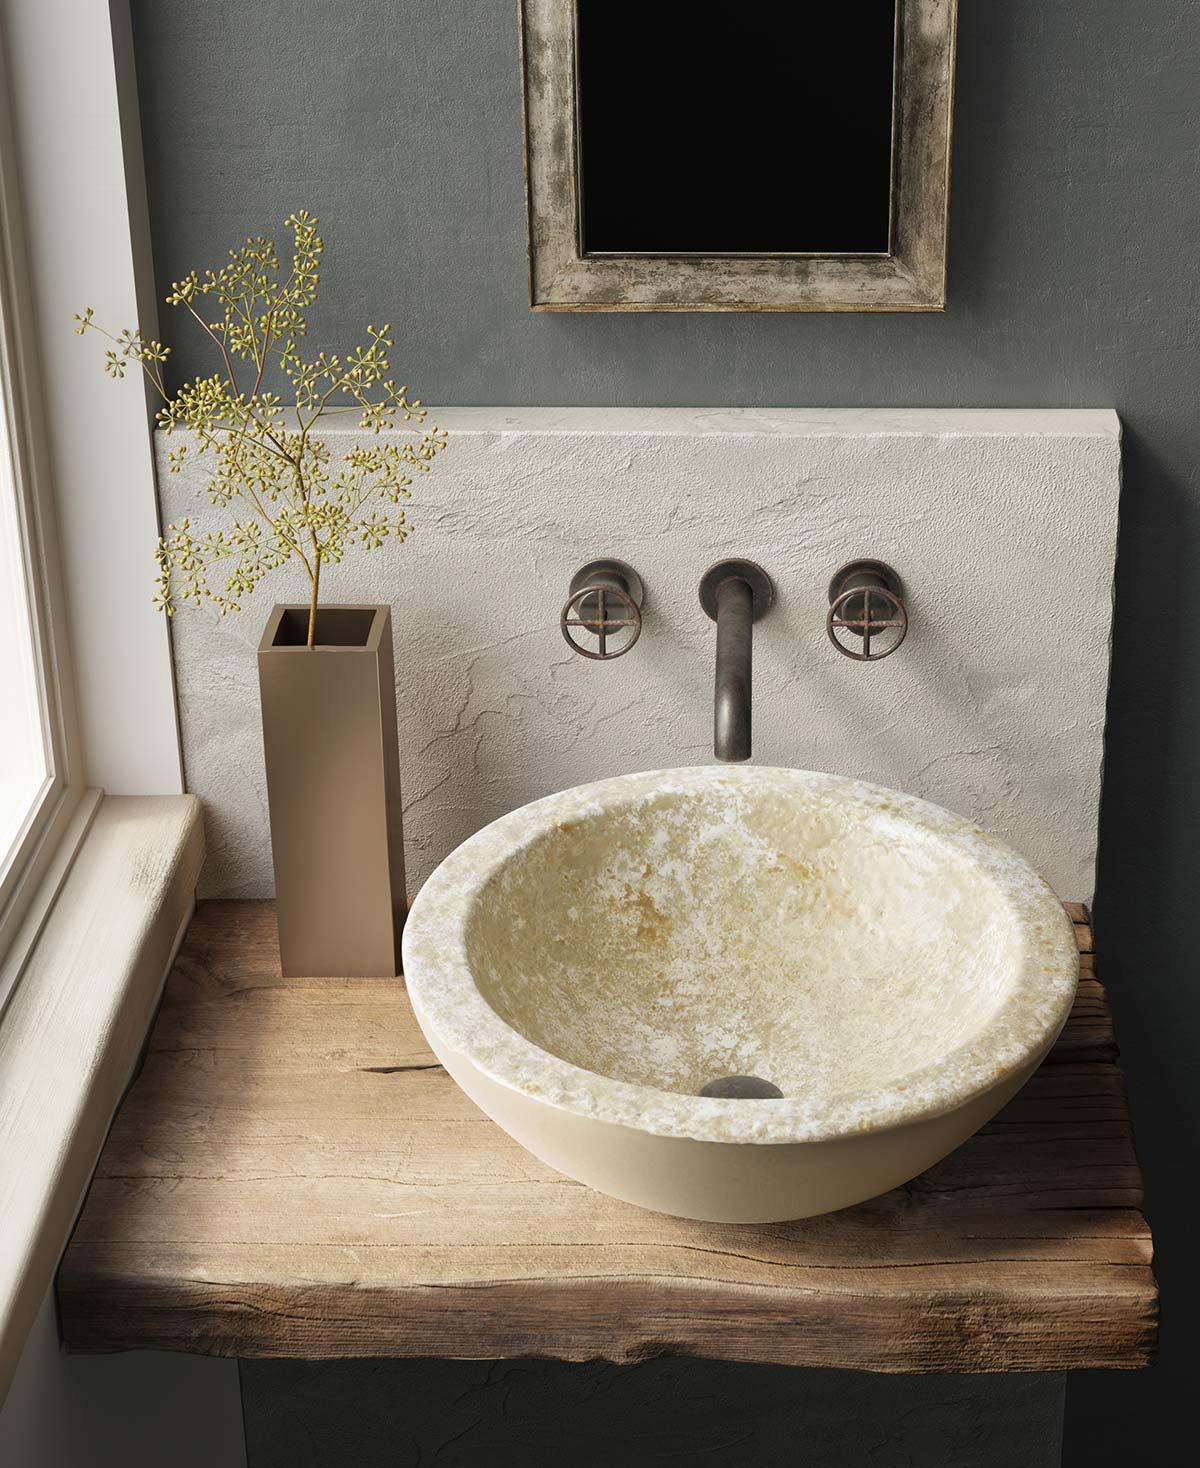 Pecchioli ceramica arredo in bagno for Arredo bagno firenze